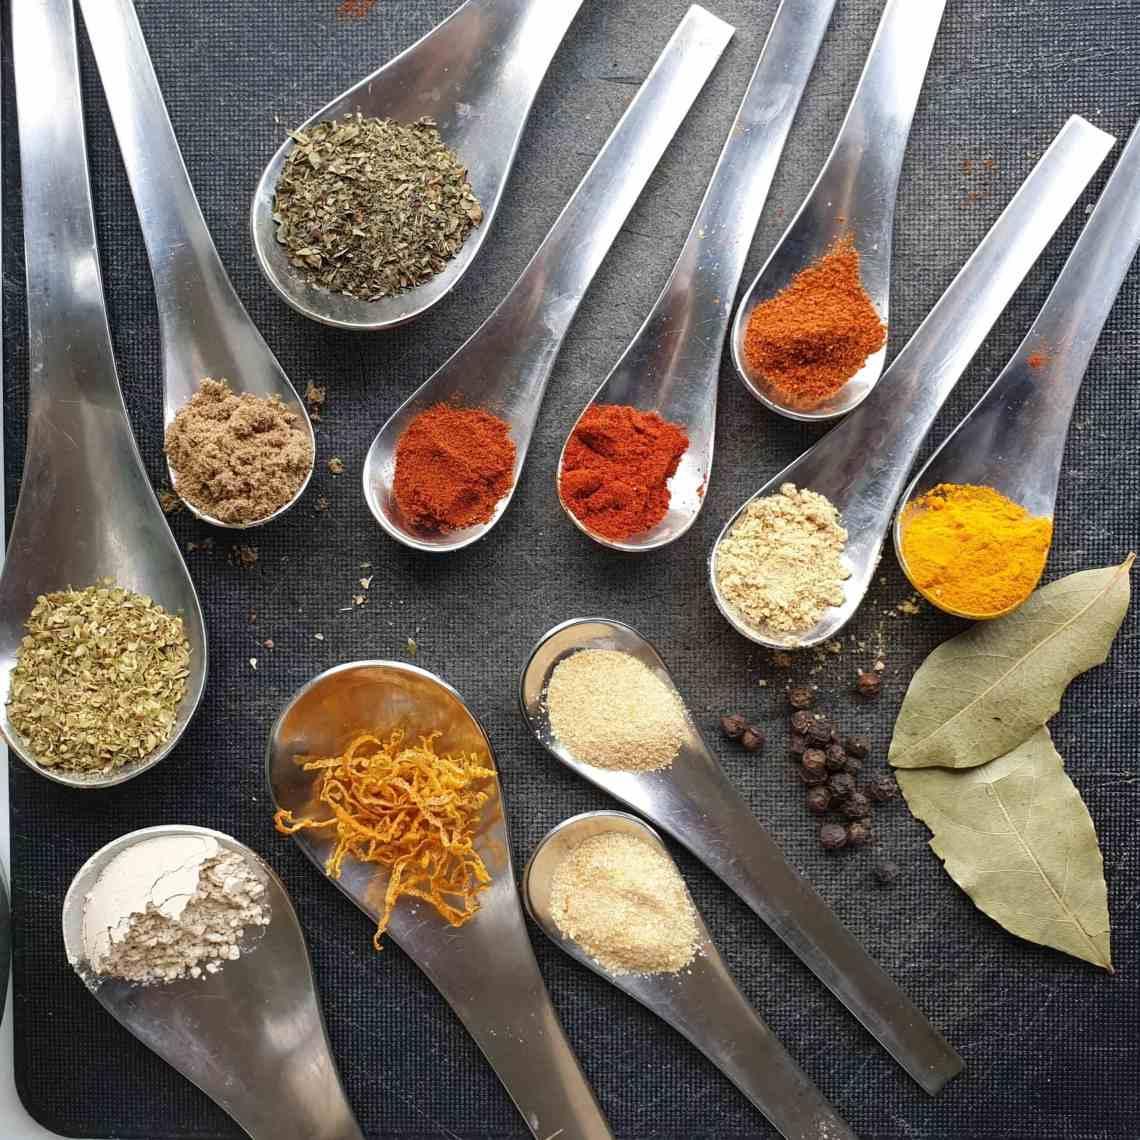 Boost din grøntsagssuppe med suppepulver - et suppekrydderi, som tilfører masser af smag til dine supper og vegetarretter. Find opskrifter og inspiration til årets gang på danishthings.com